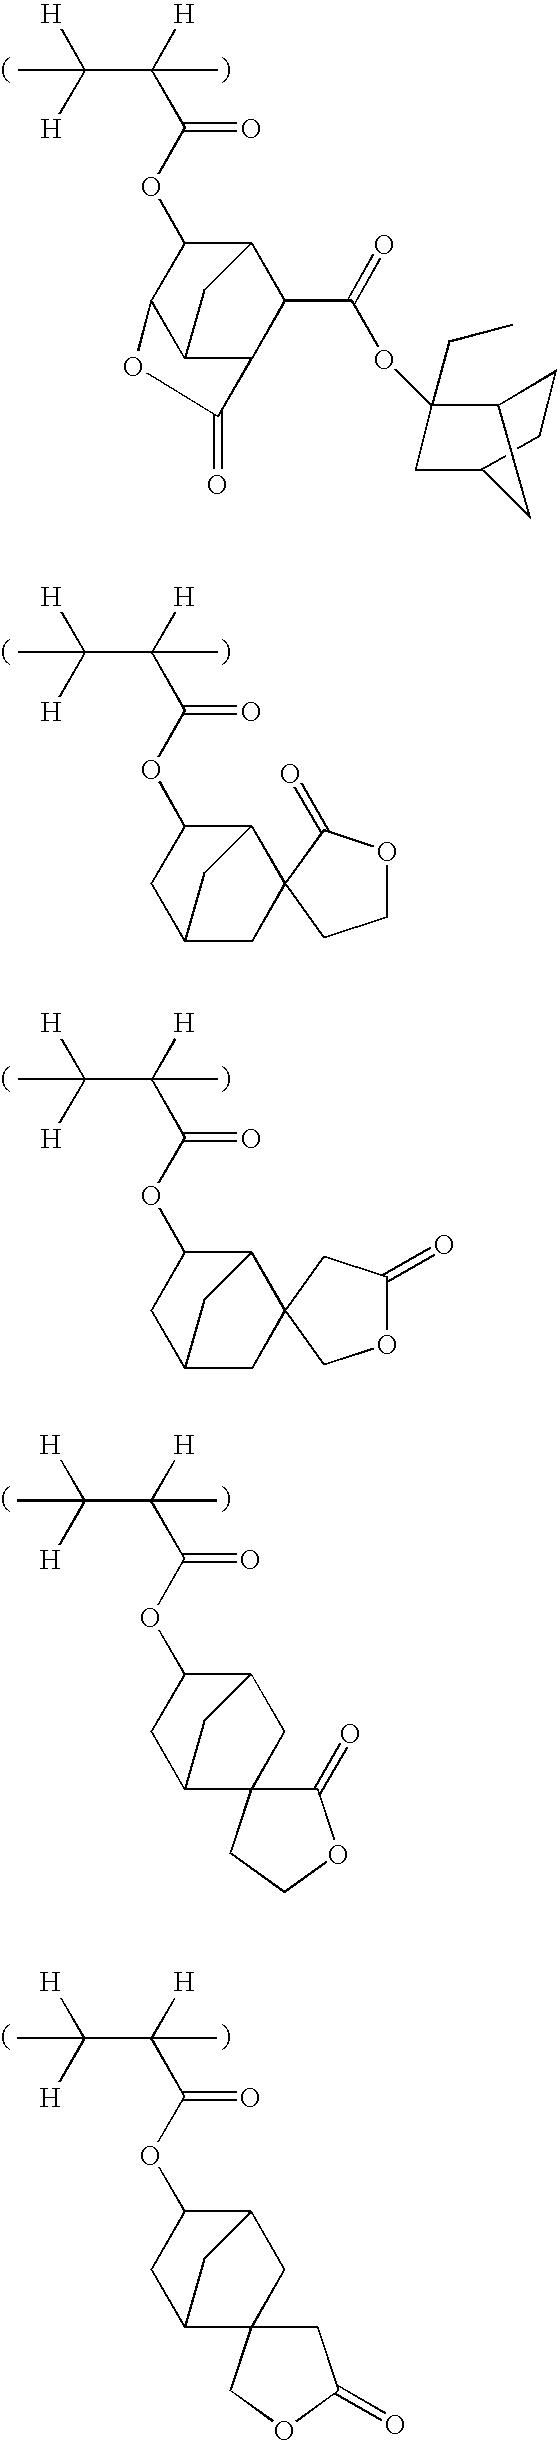 Figure US07537880-20090526-C00039